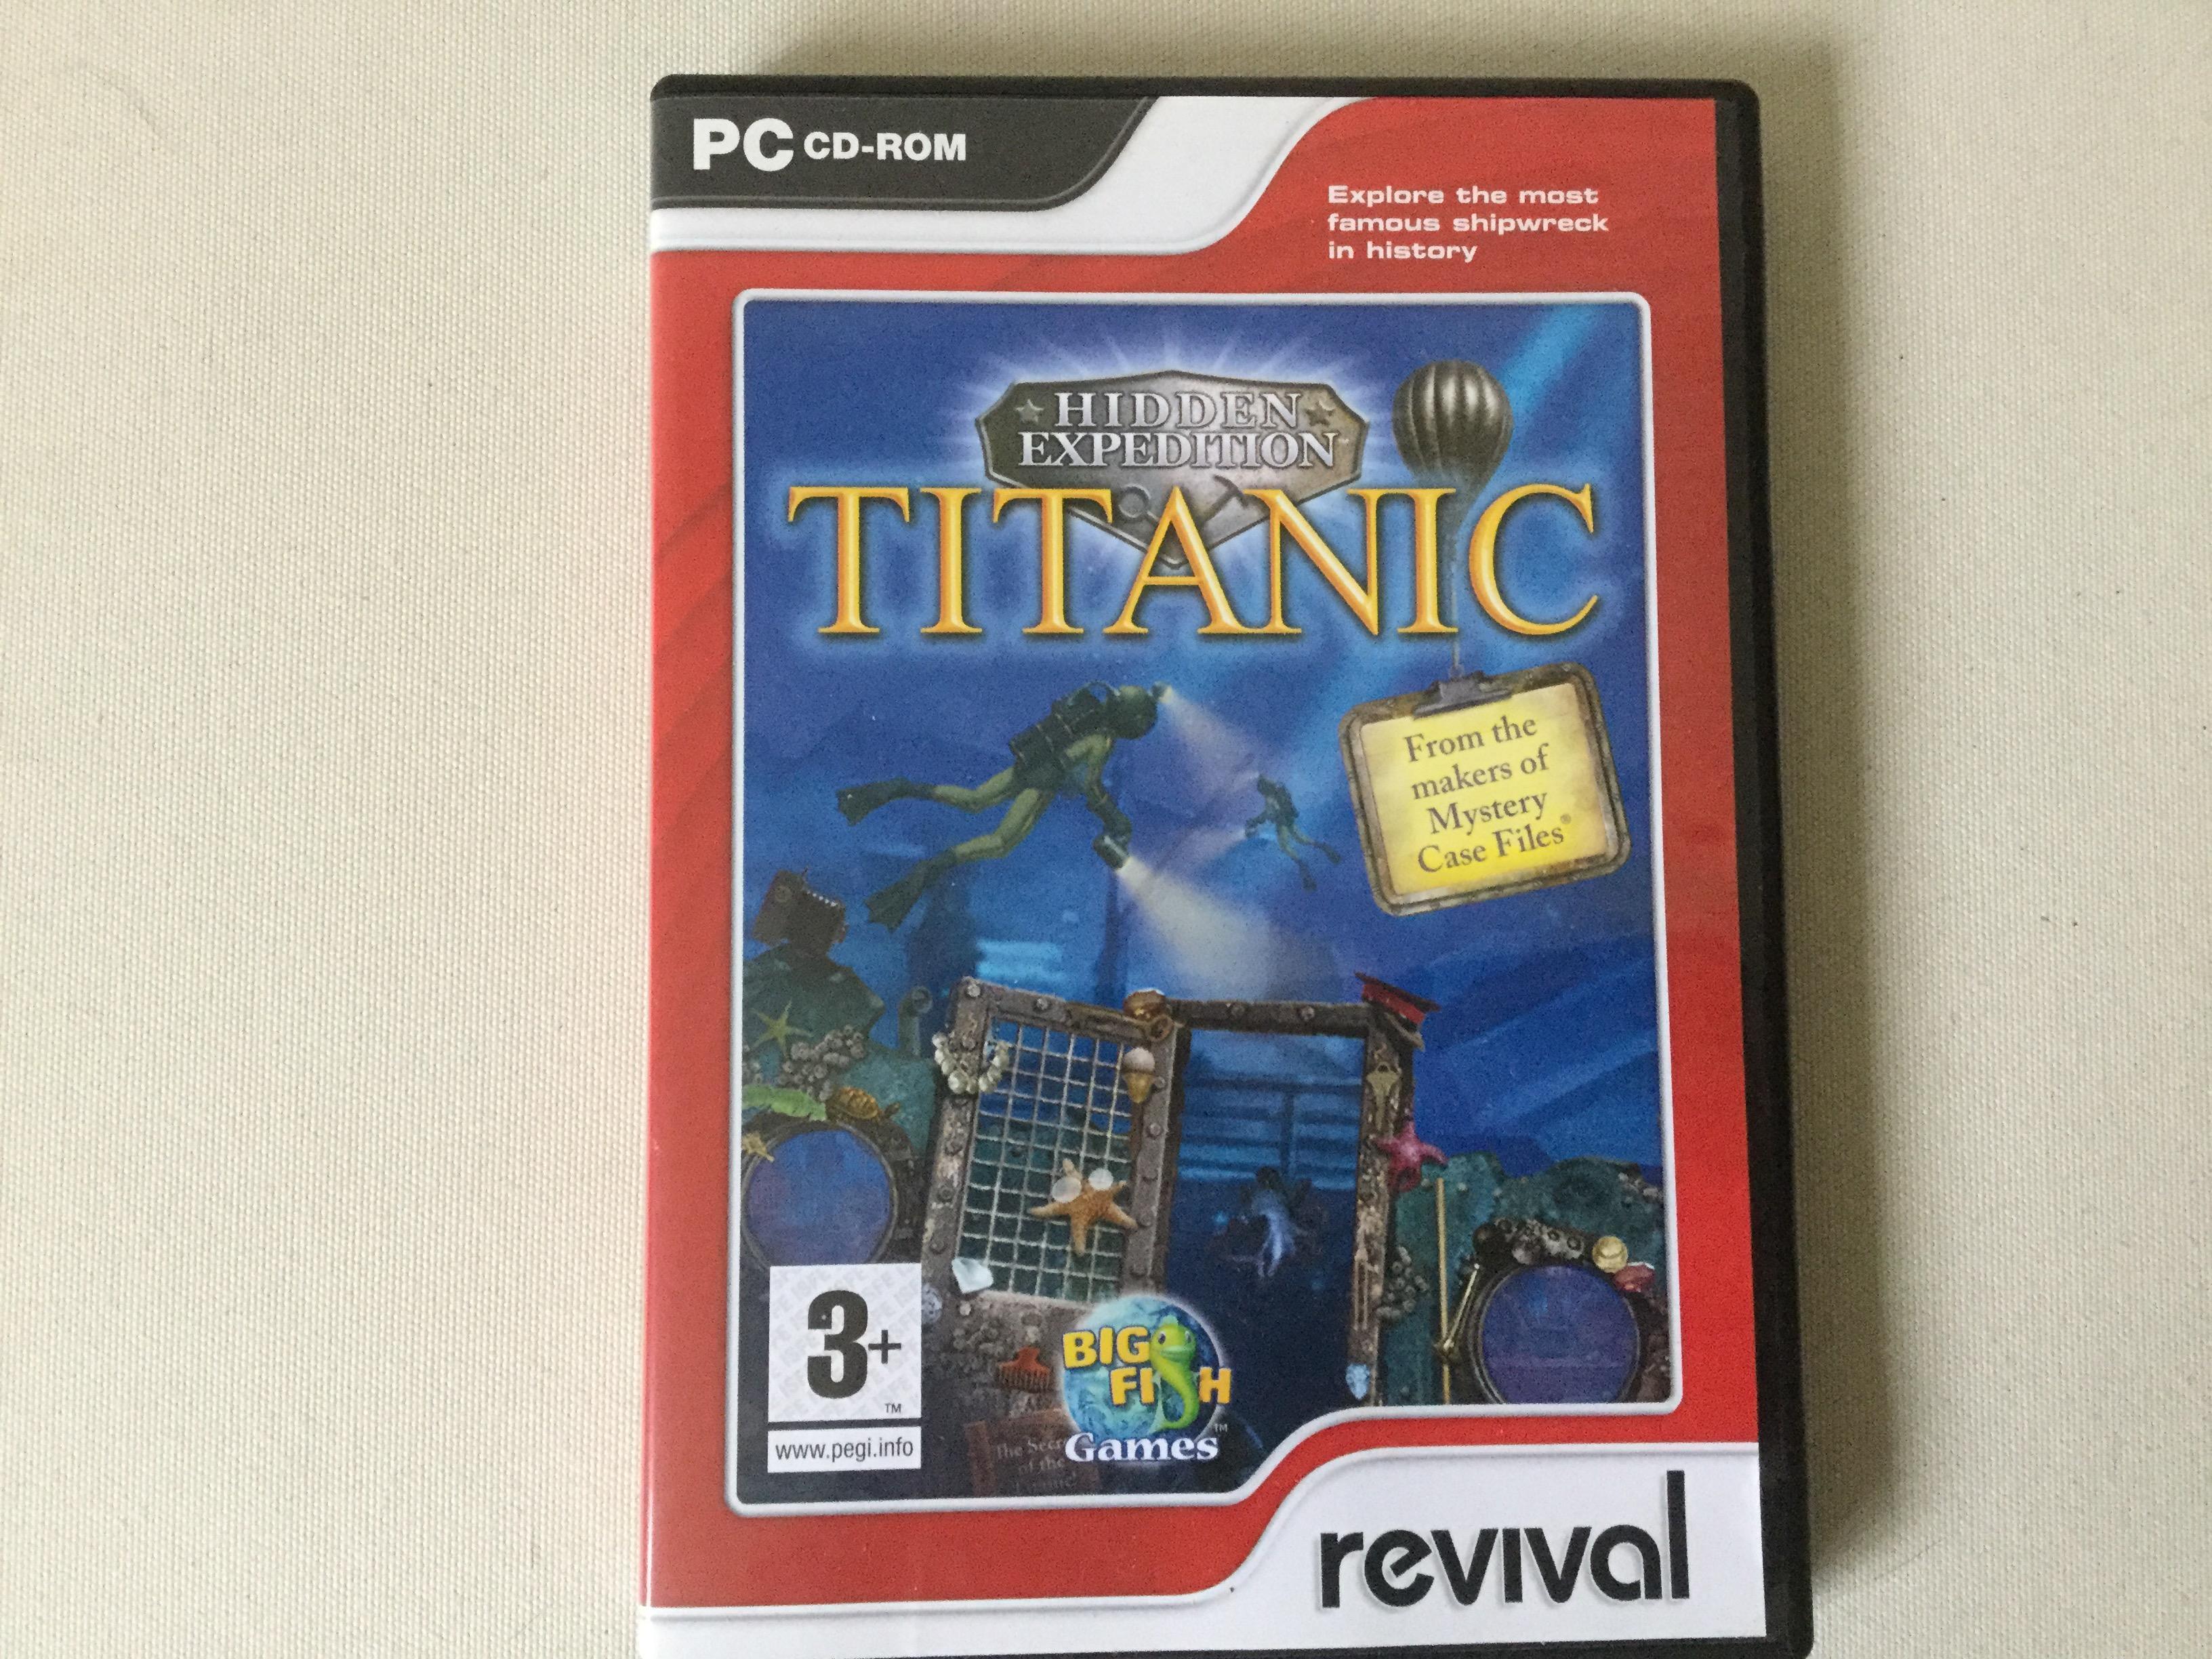 PC CD ROM TITANIC